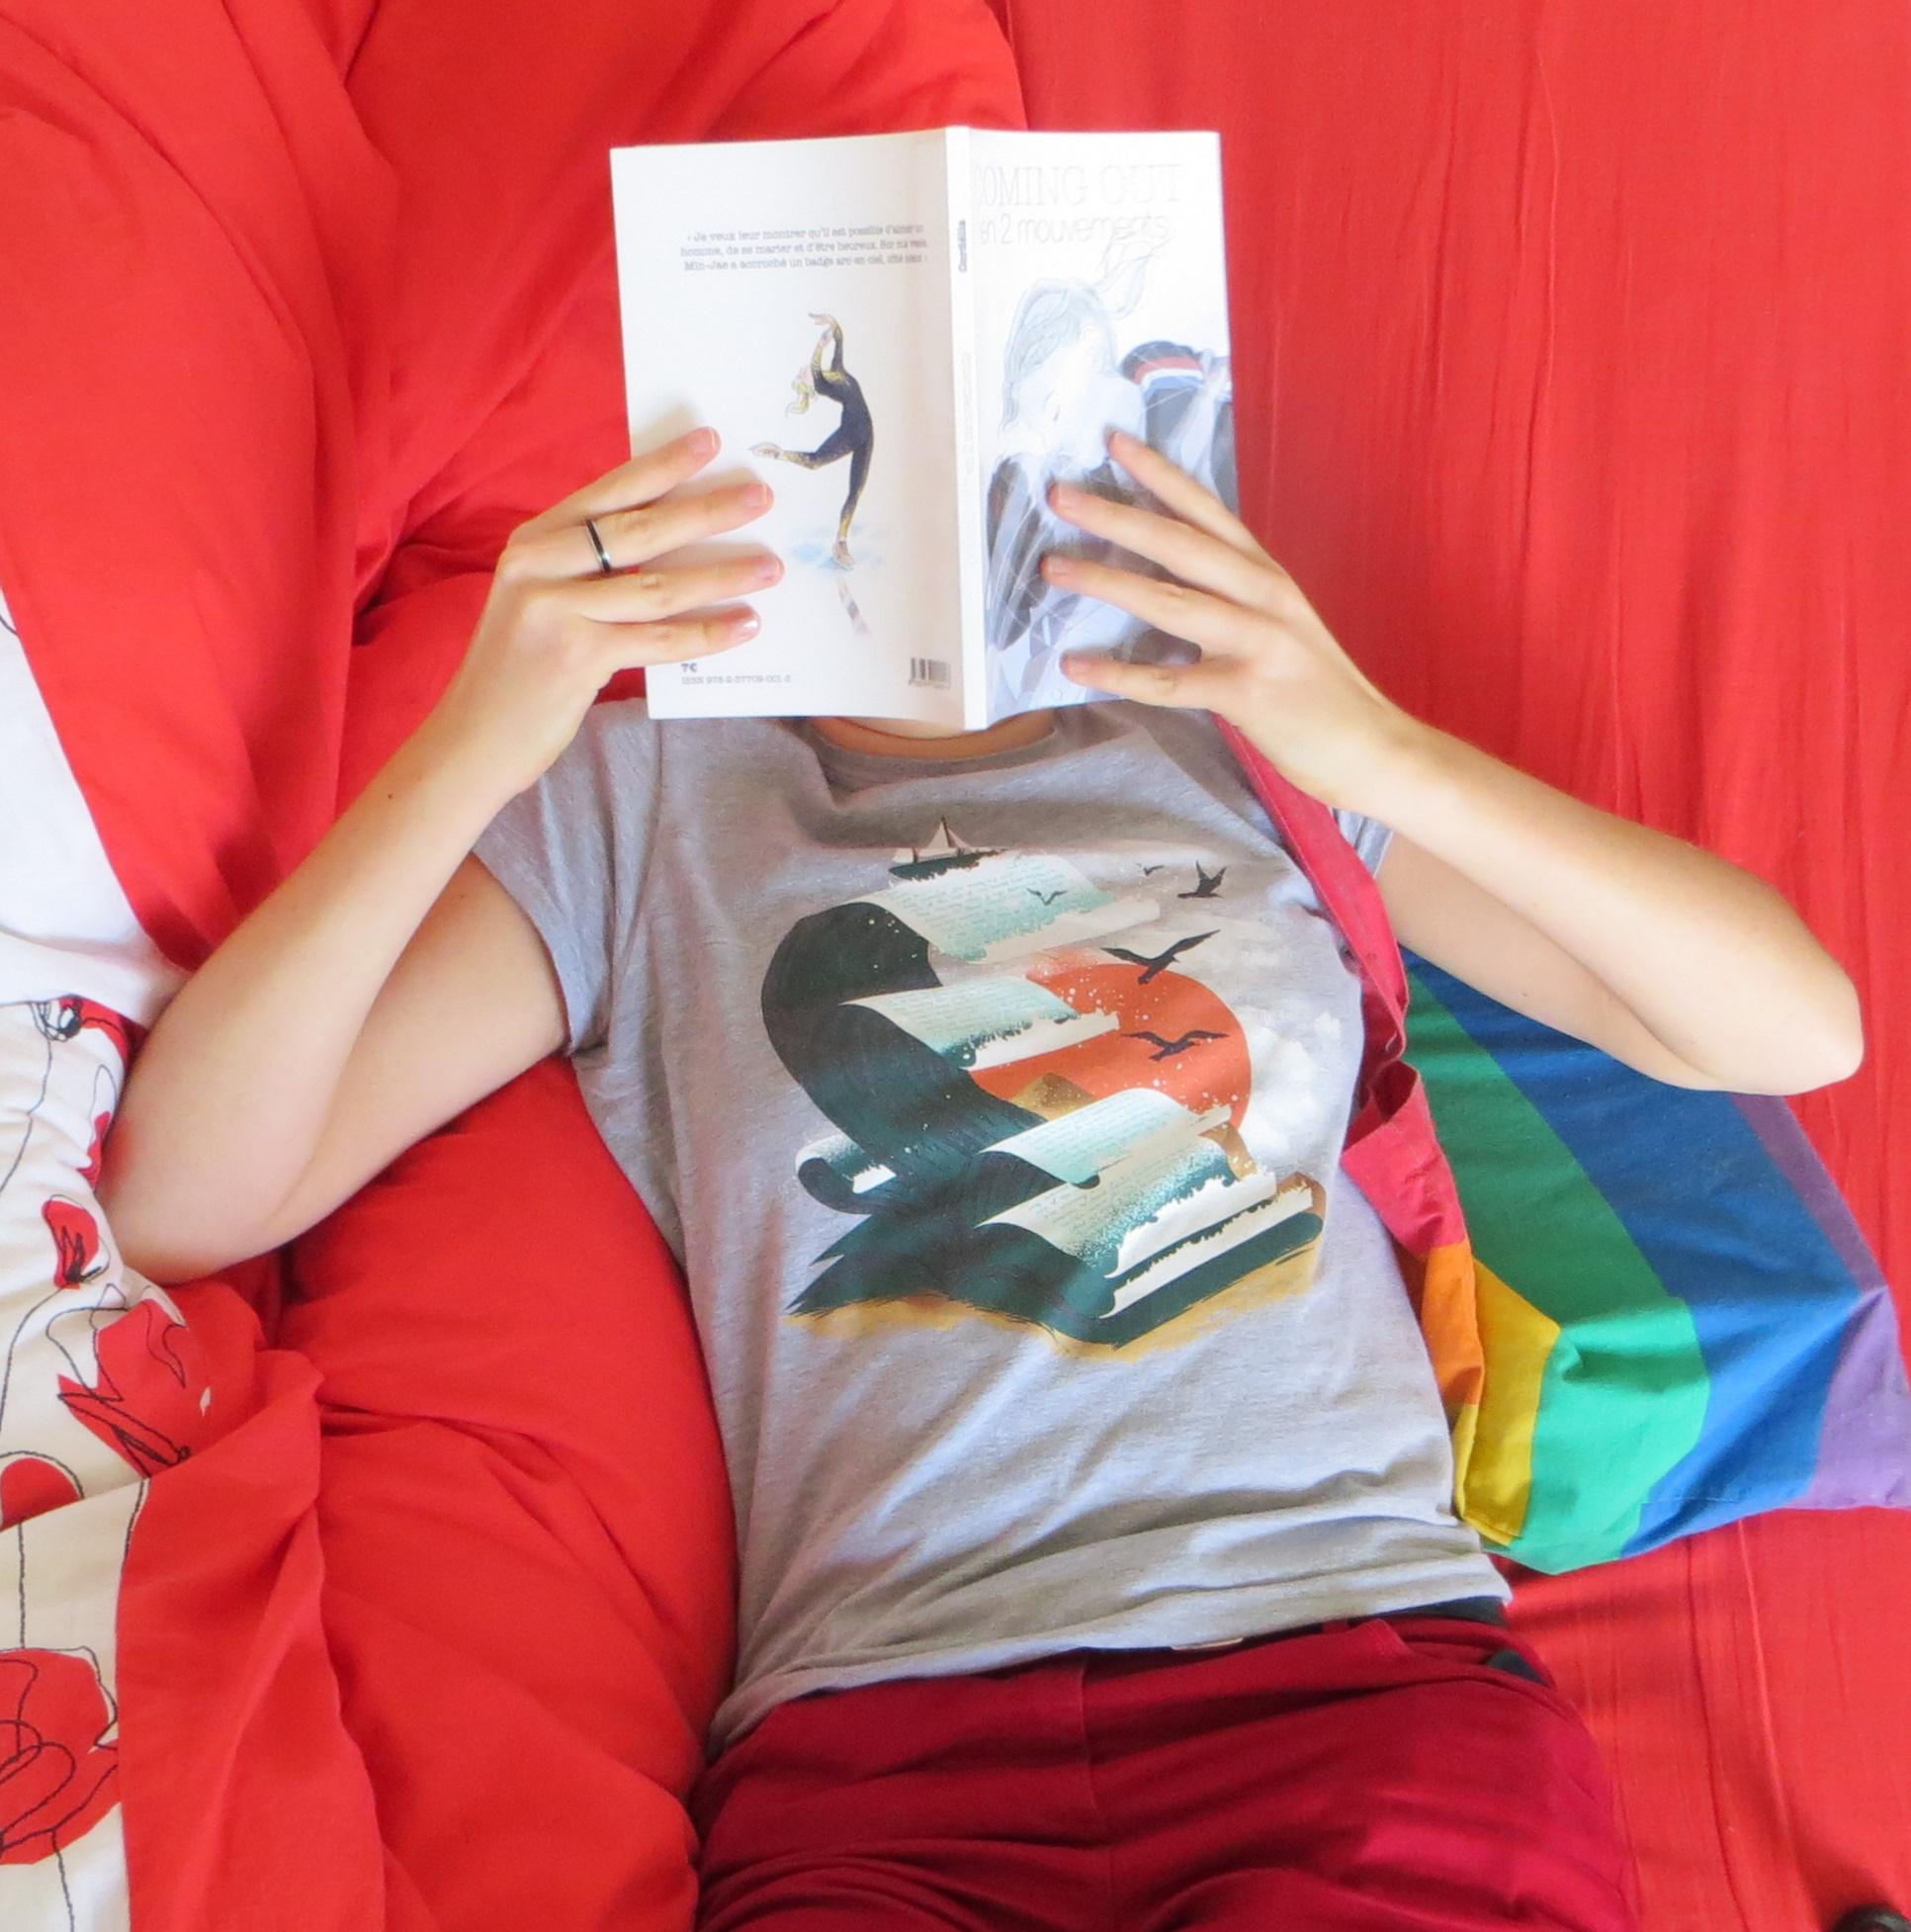 personne lisant coming-out en deux mouvements allongée sur un lit rouge